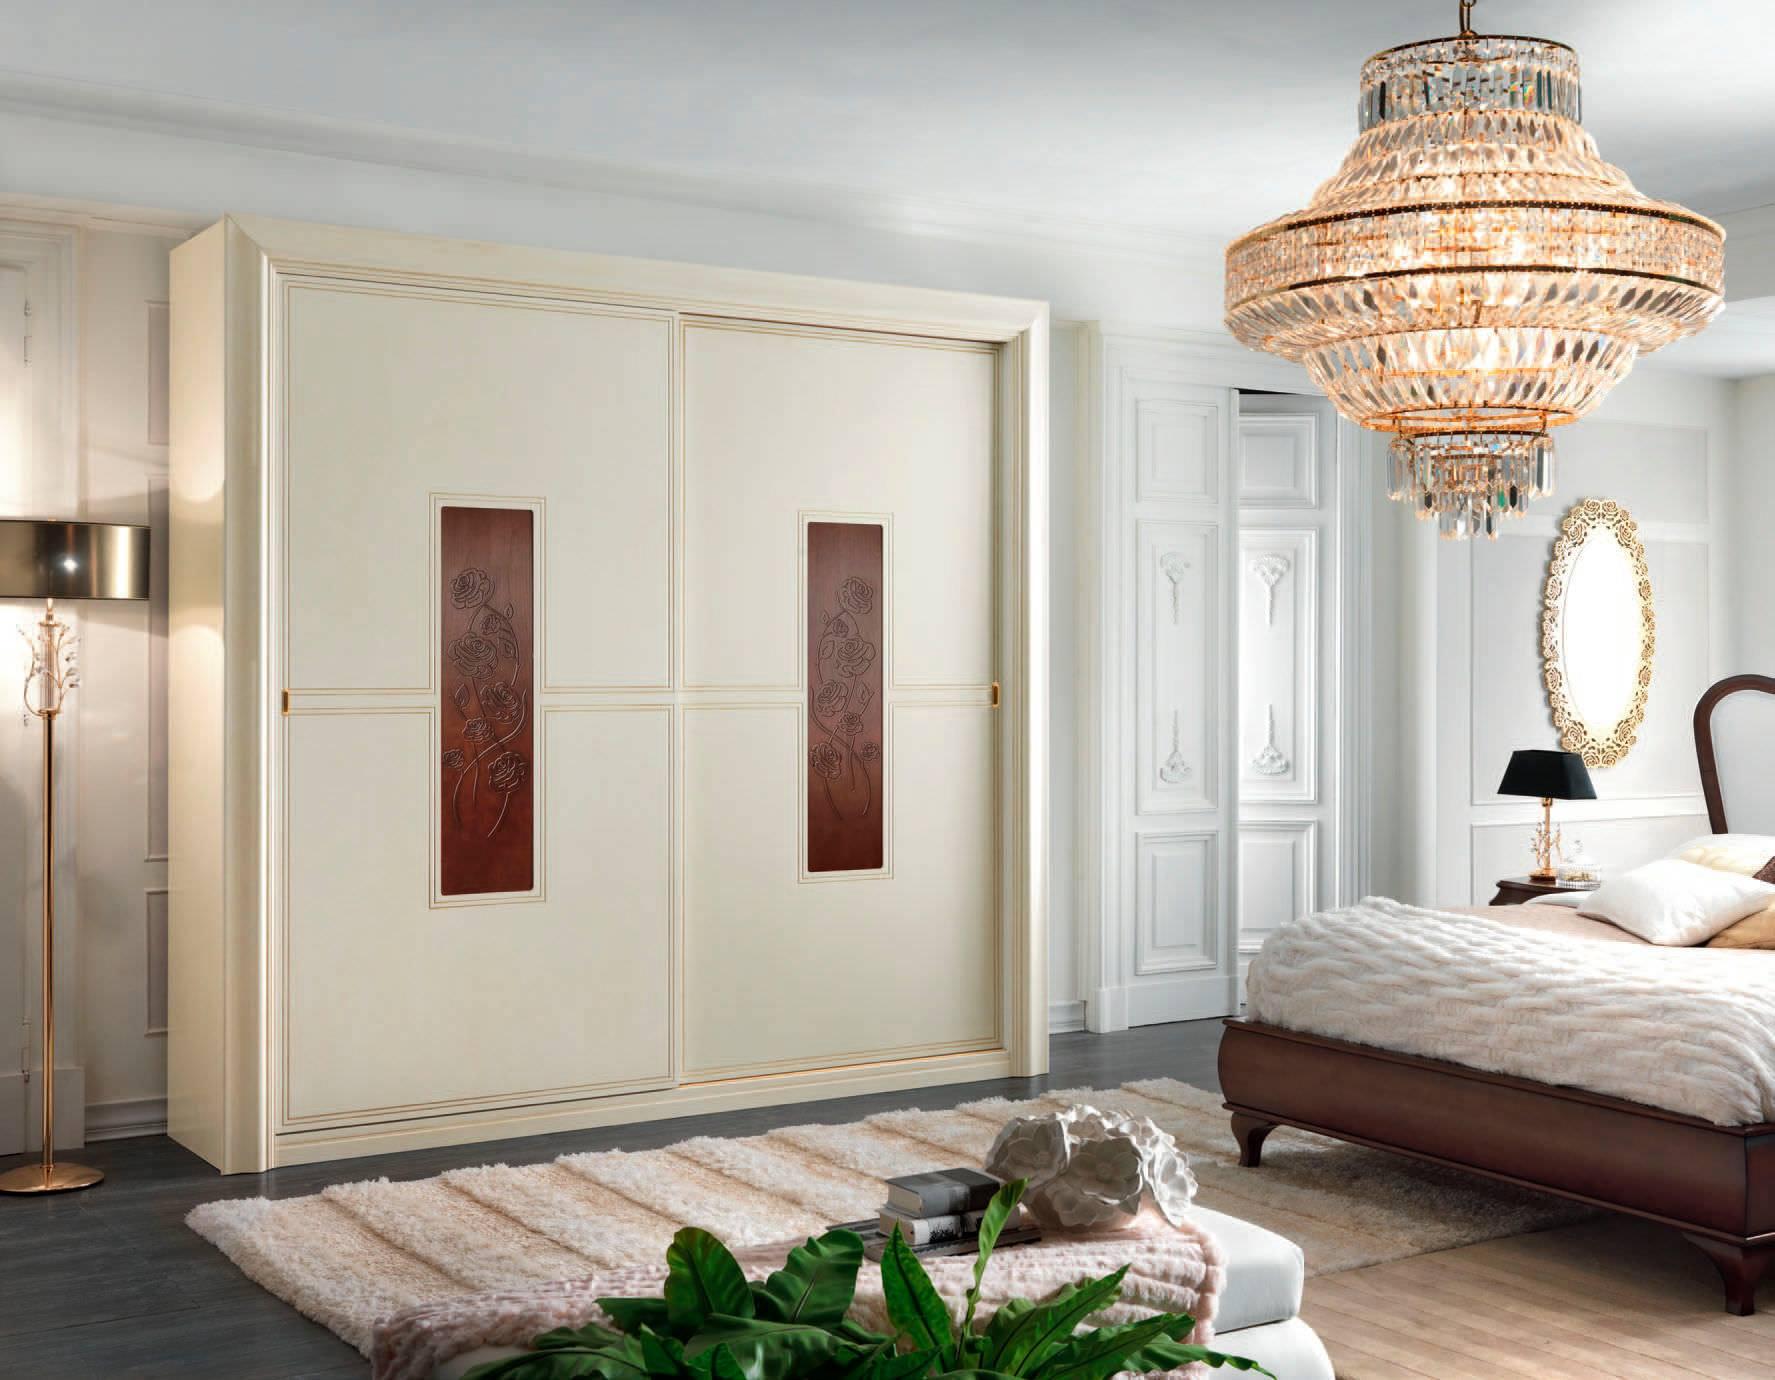 ابواب خشب لغرف النوم ابيض